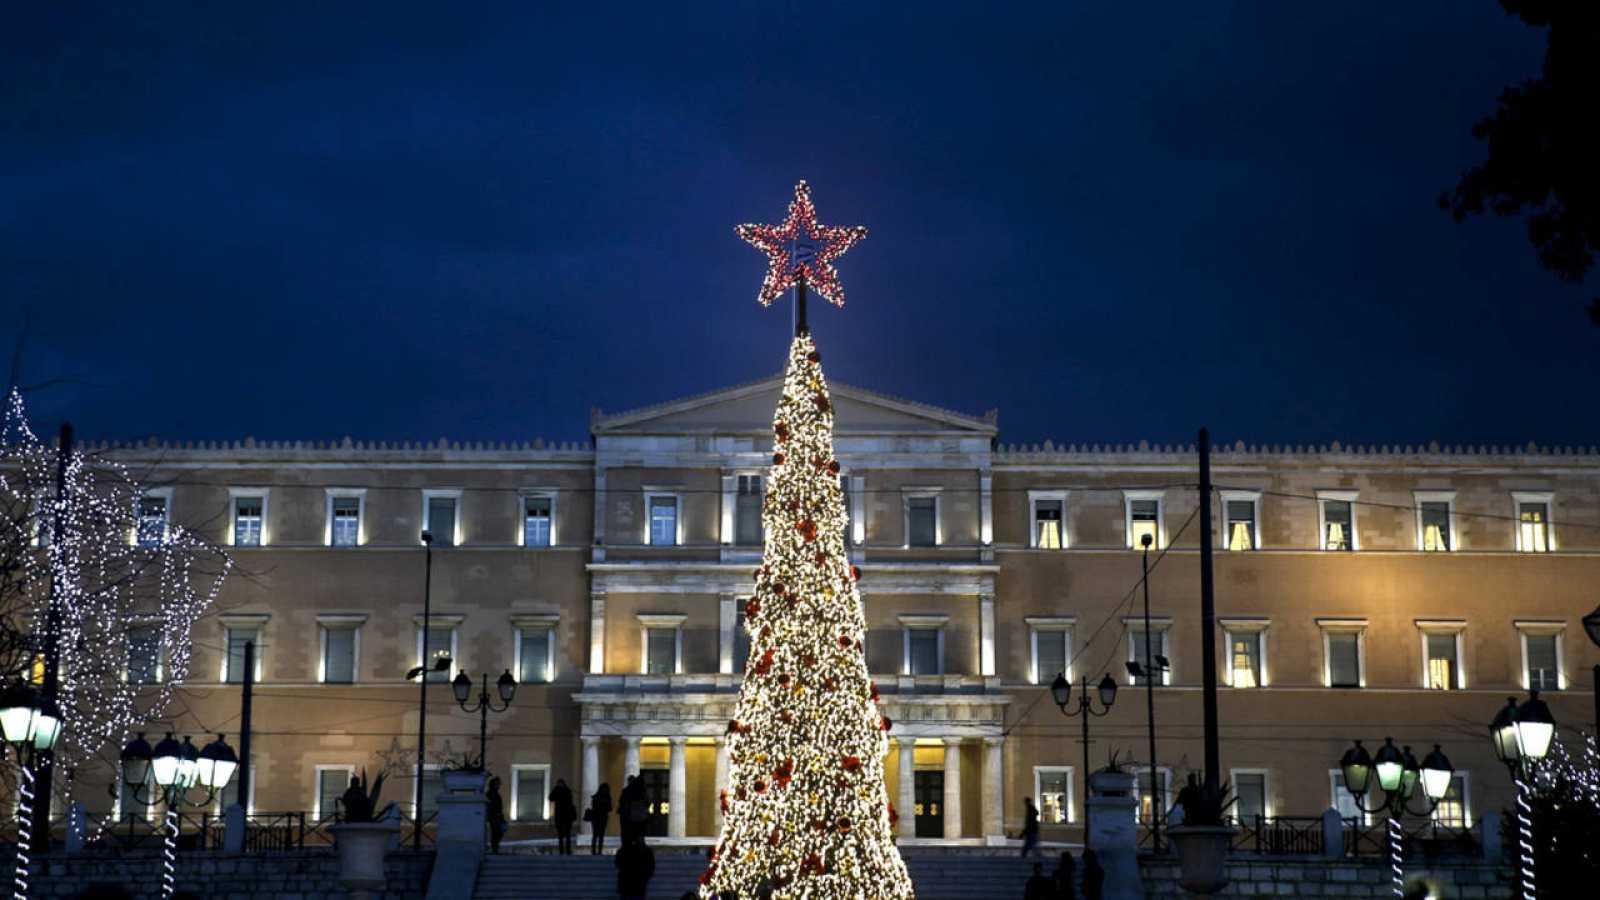 El Parlamento griego en Atenas